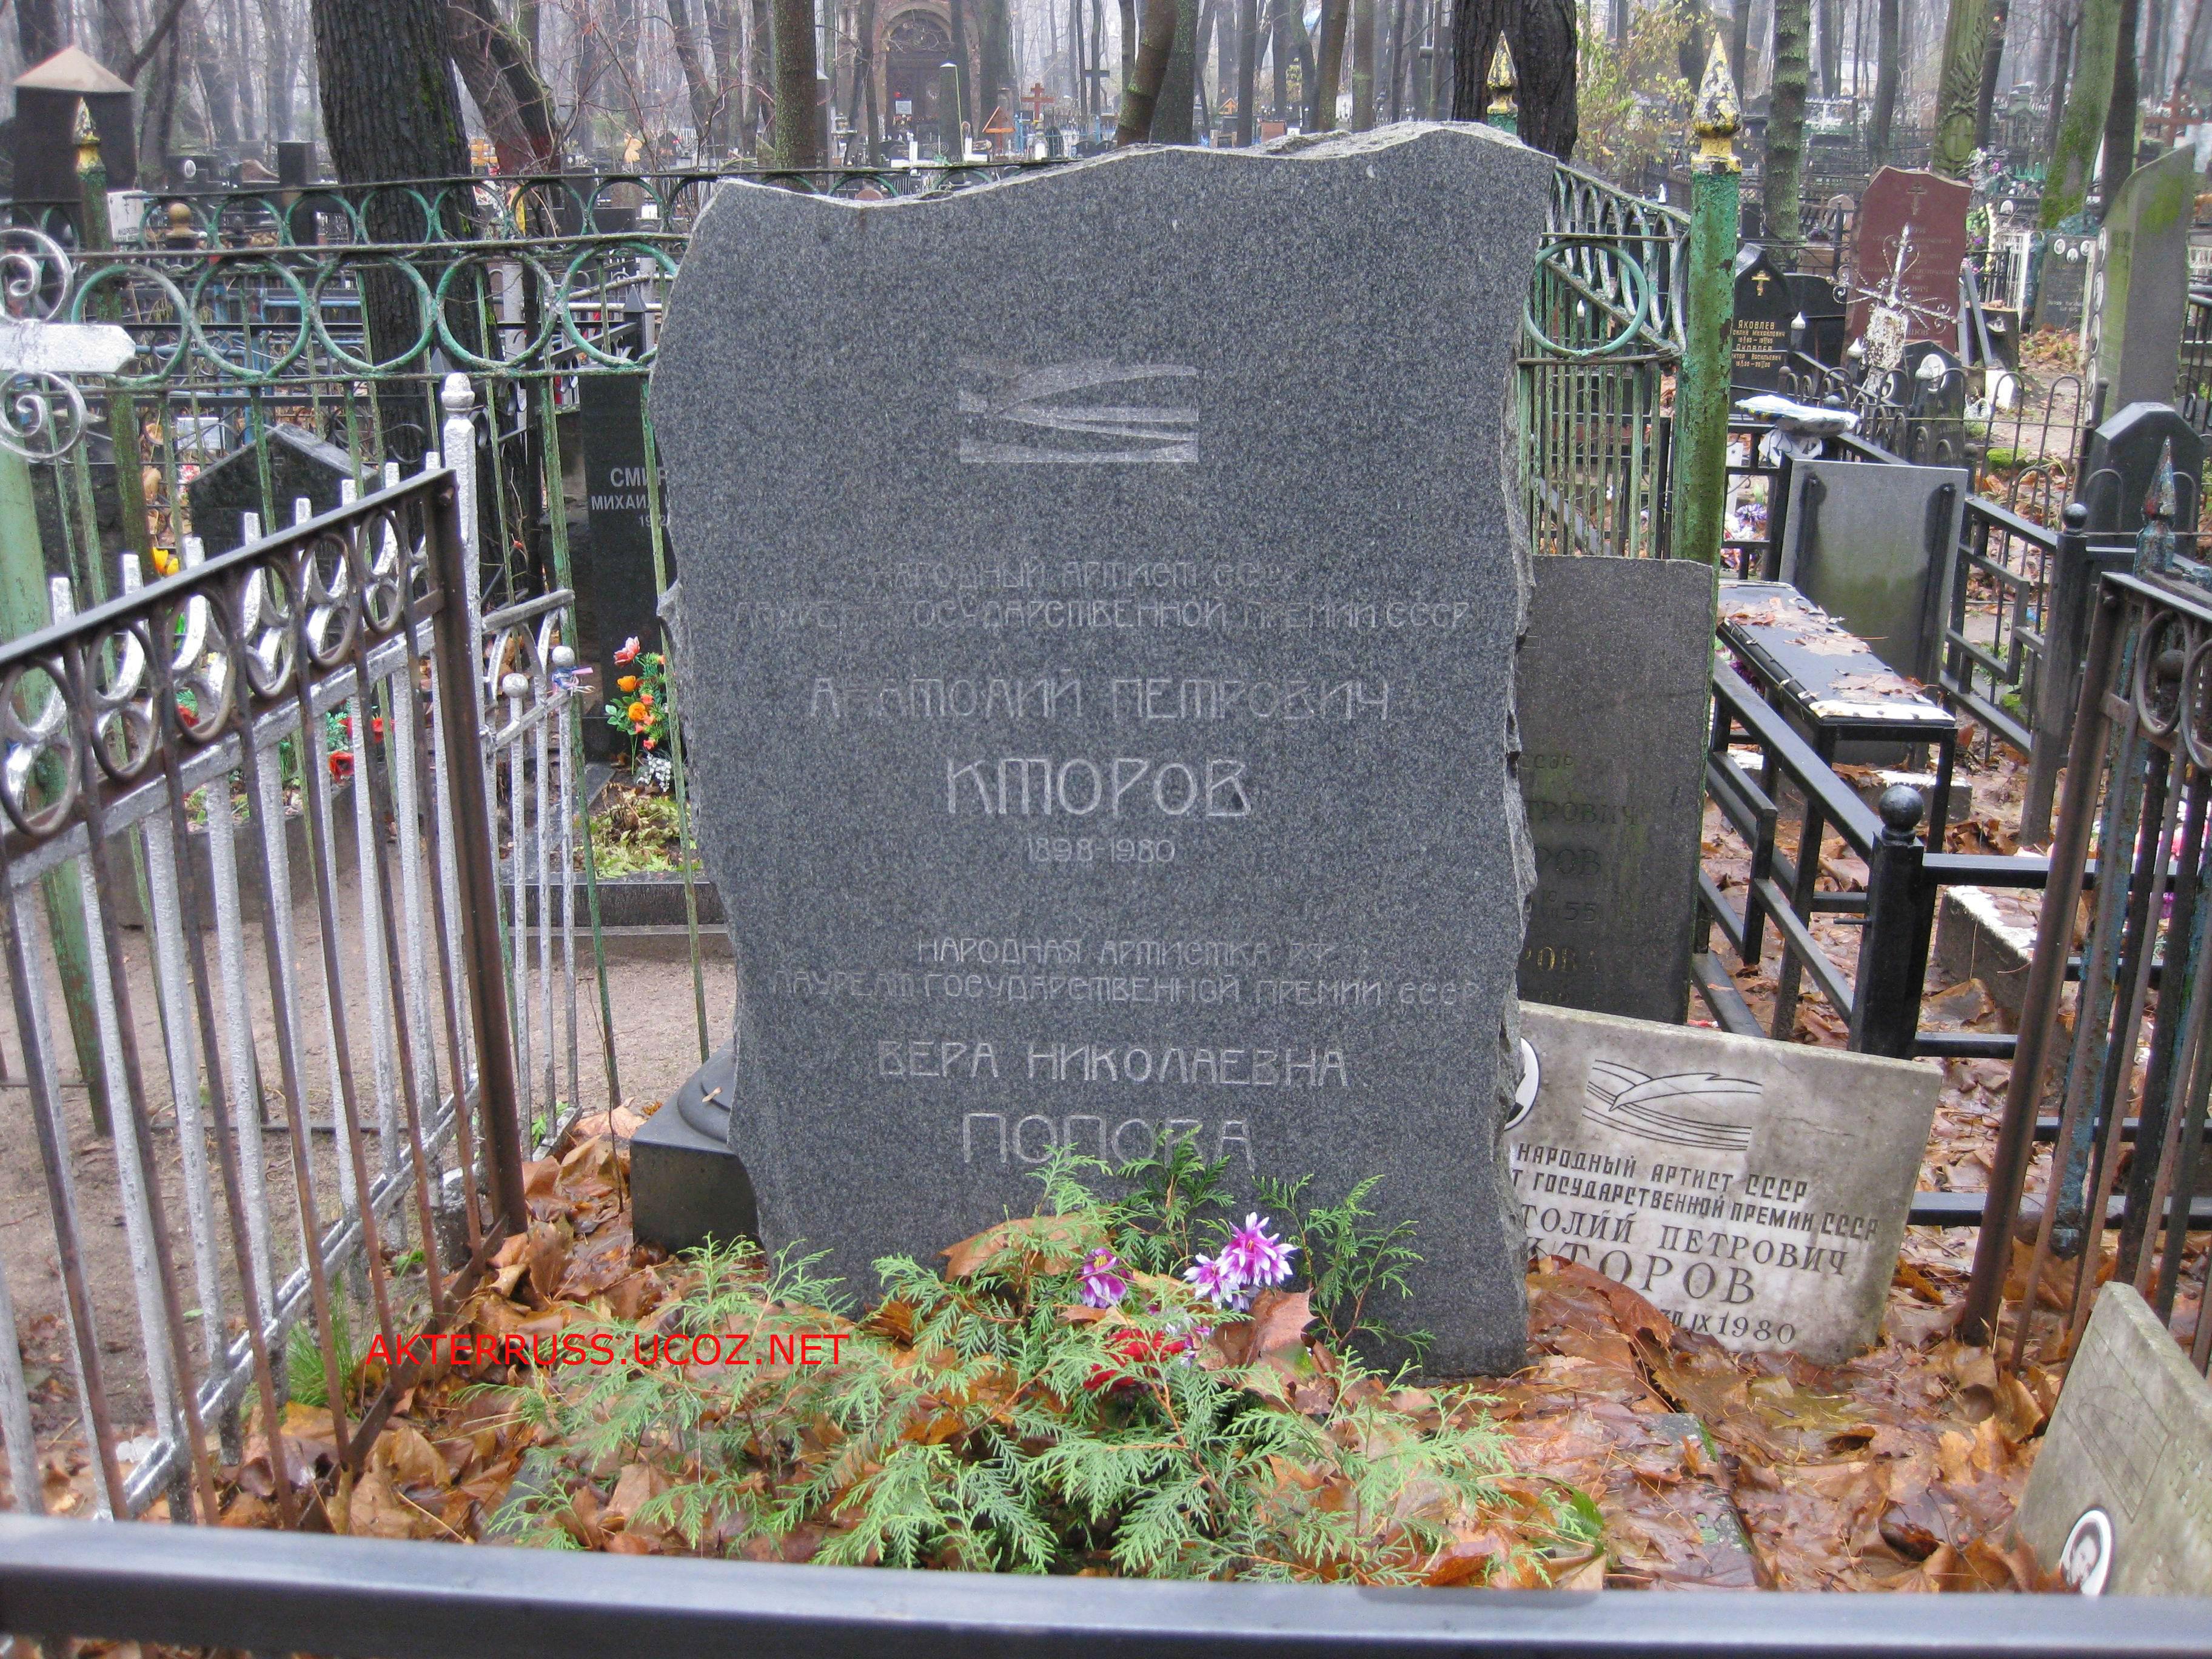 Анатолий евдокименко похороны фото